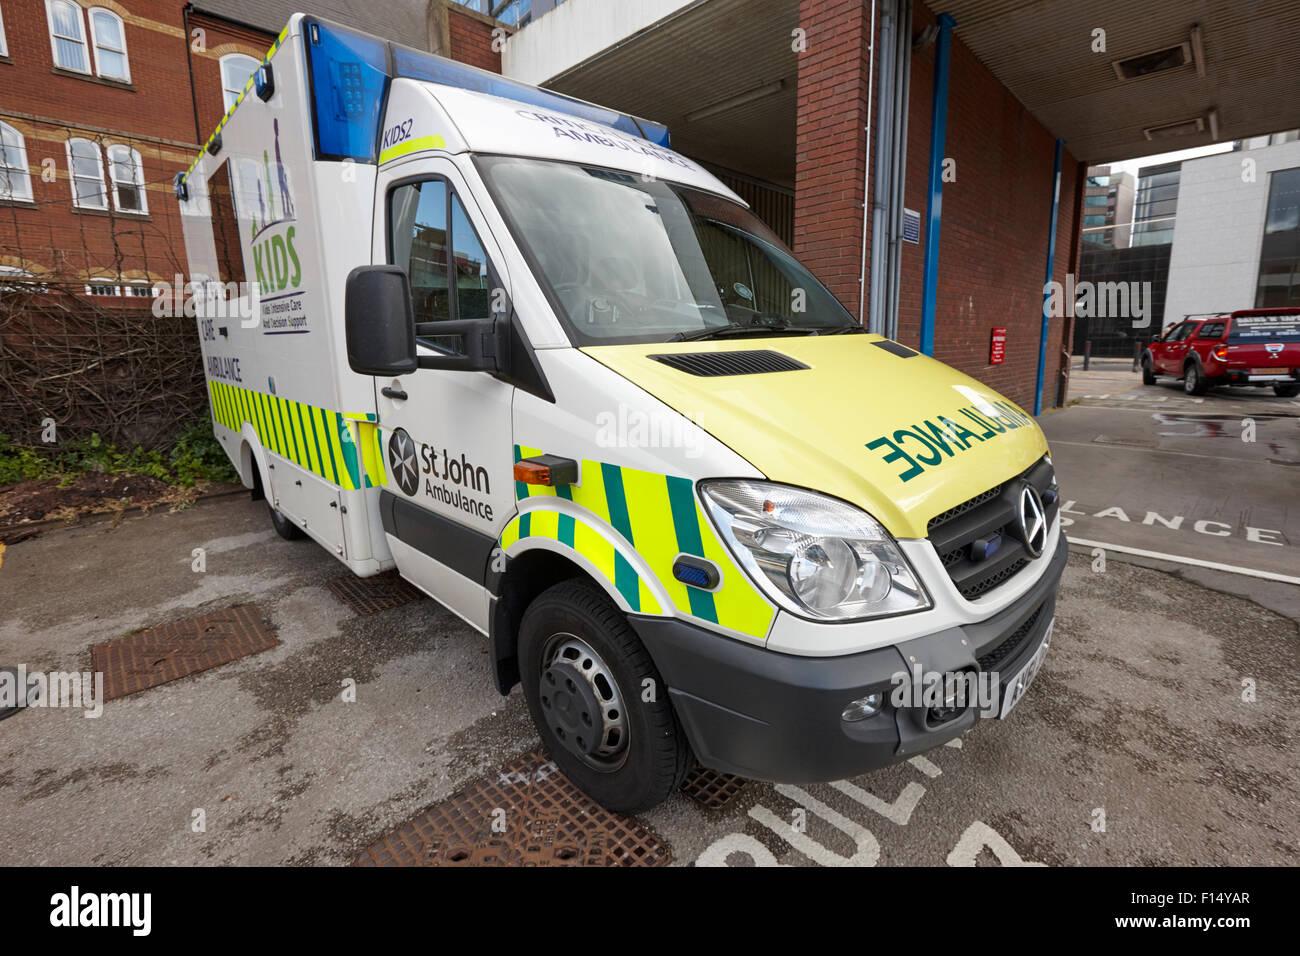 st johns ambulance critical care ambulance Birmingham UK - Stock Image